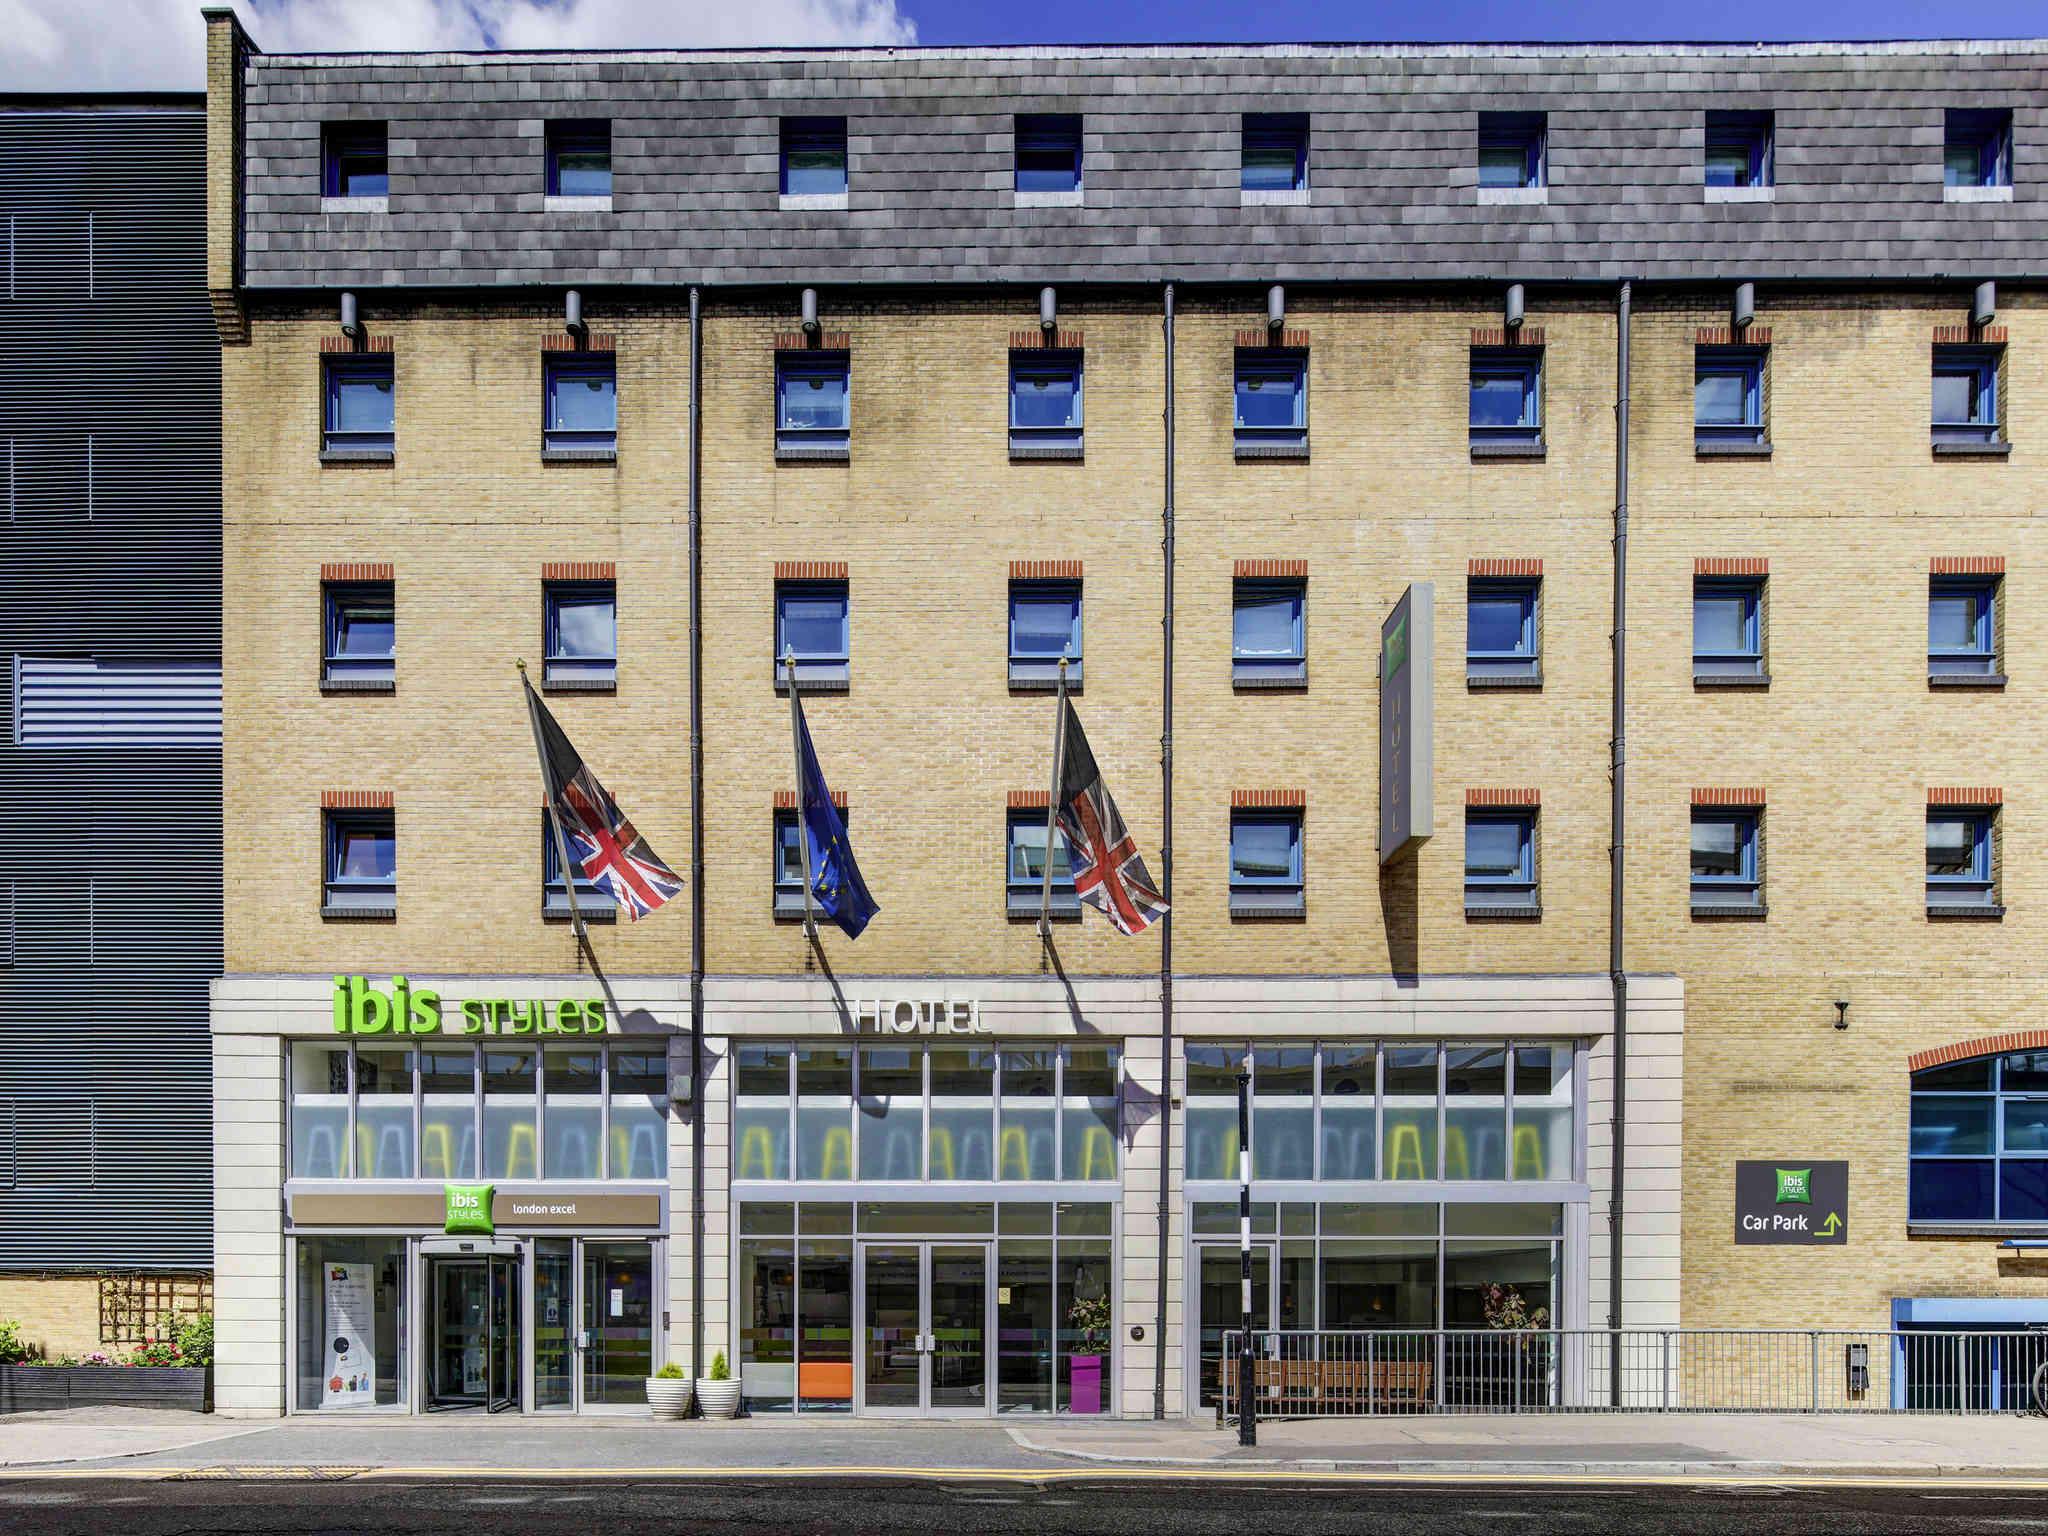 โรงแรม – ไอบิส สไตล์ ลอนดอน เอ็กเซล